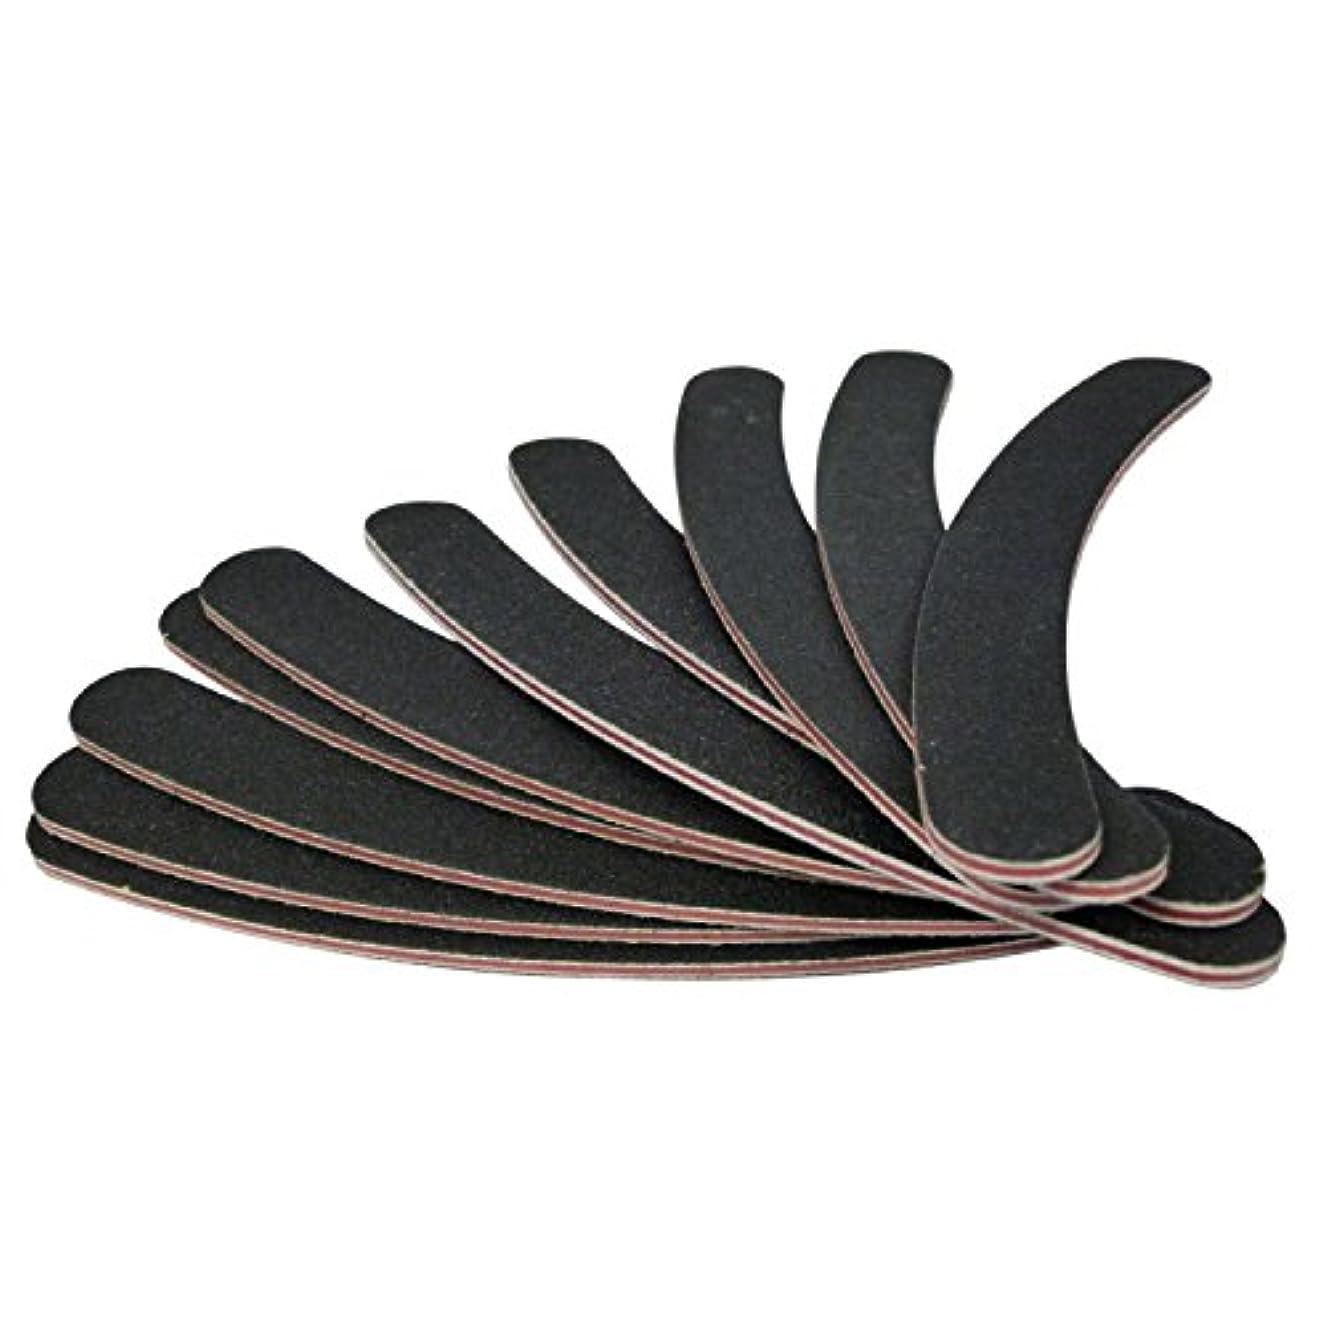 上記の頭と肩ゴールデン経過Gespout 爪やすり 爪磨き 滑らか仕上げ ネイルシャイナー ネイルケア用品 ピカピカ ネイルケア 紙 人気 10本セット ブラック